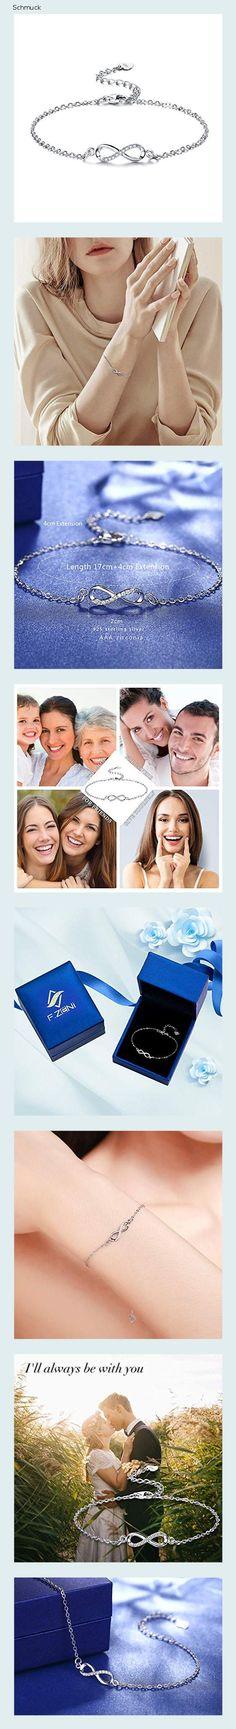 F.ZENI Armbänder Damen 925 Sterling Silber Funkeln Kubisches Zirkonia Kuss Armband Akzent Unendlichkeit für Immer Armbänder für Damen - 14ha